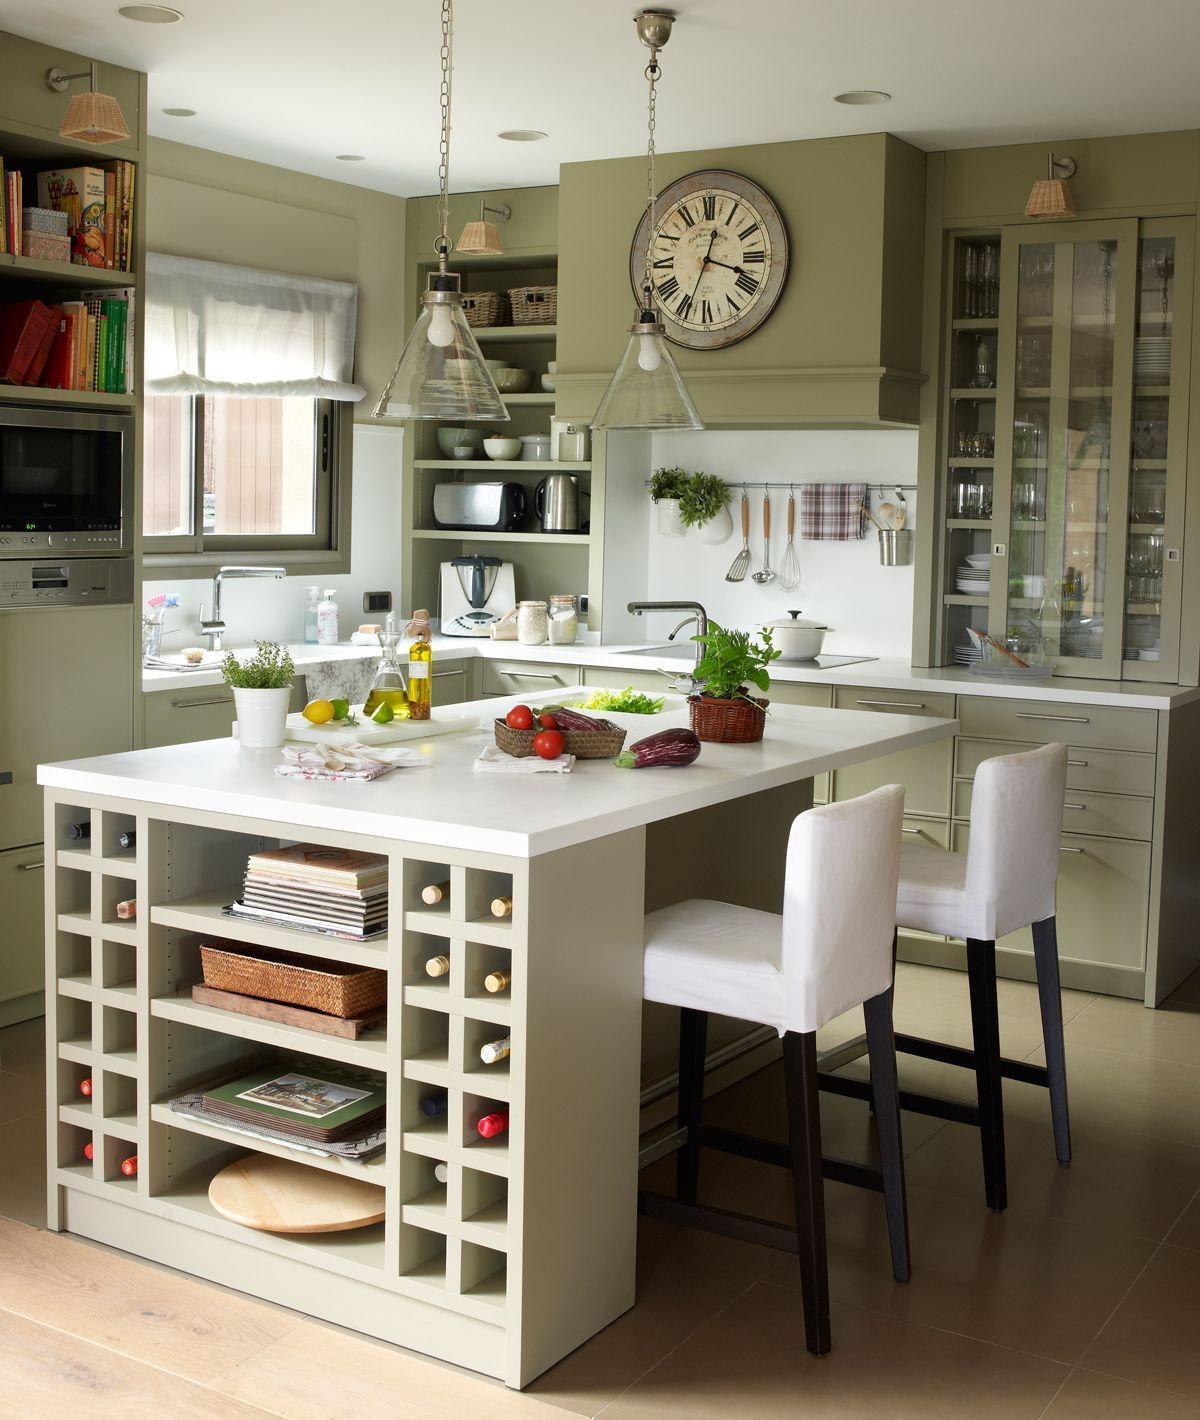 Cocina rústica con encimera revestida de microcemento y mobiliario ...